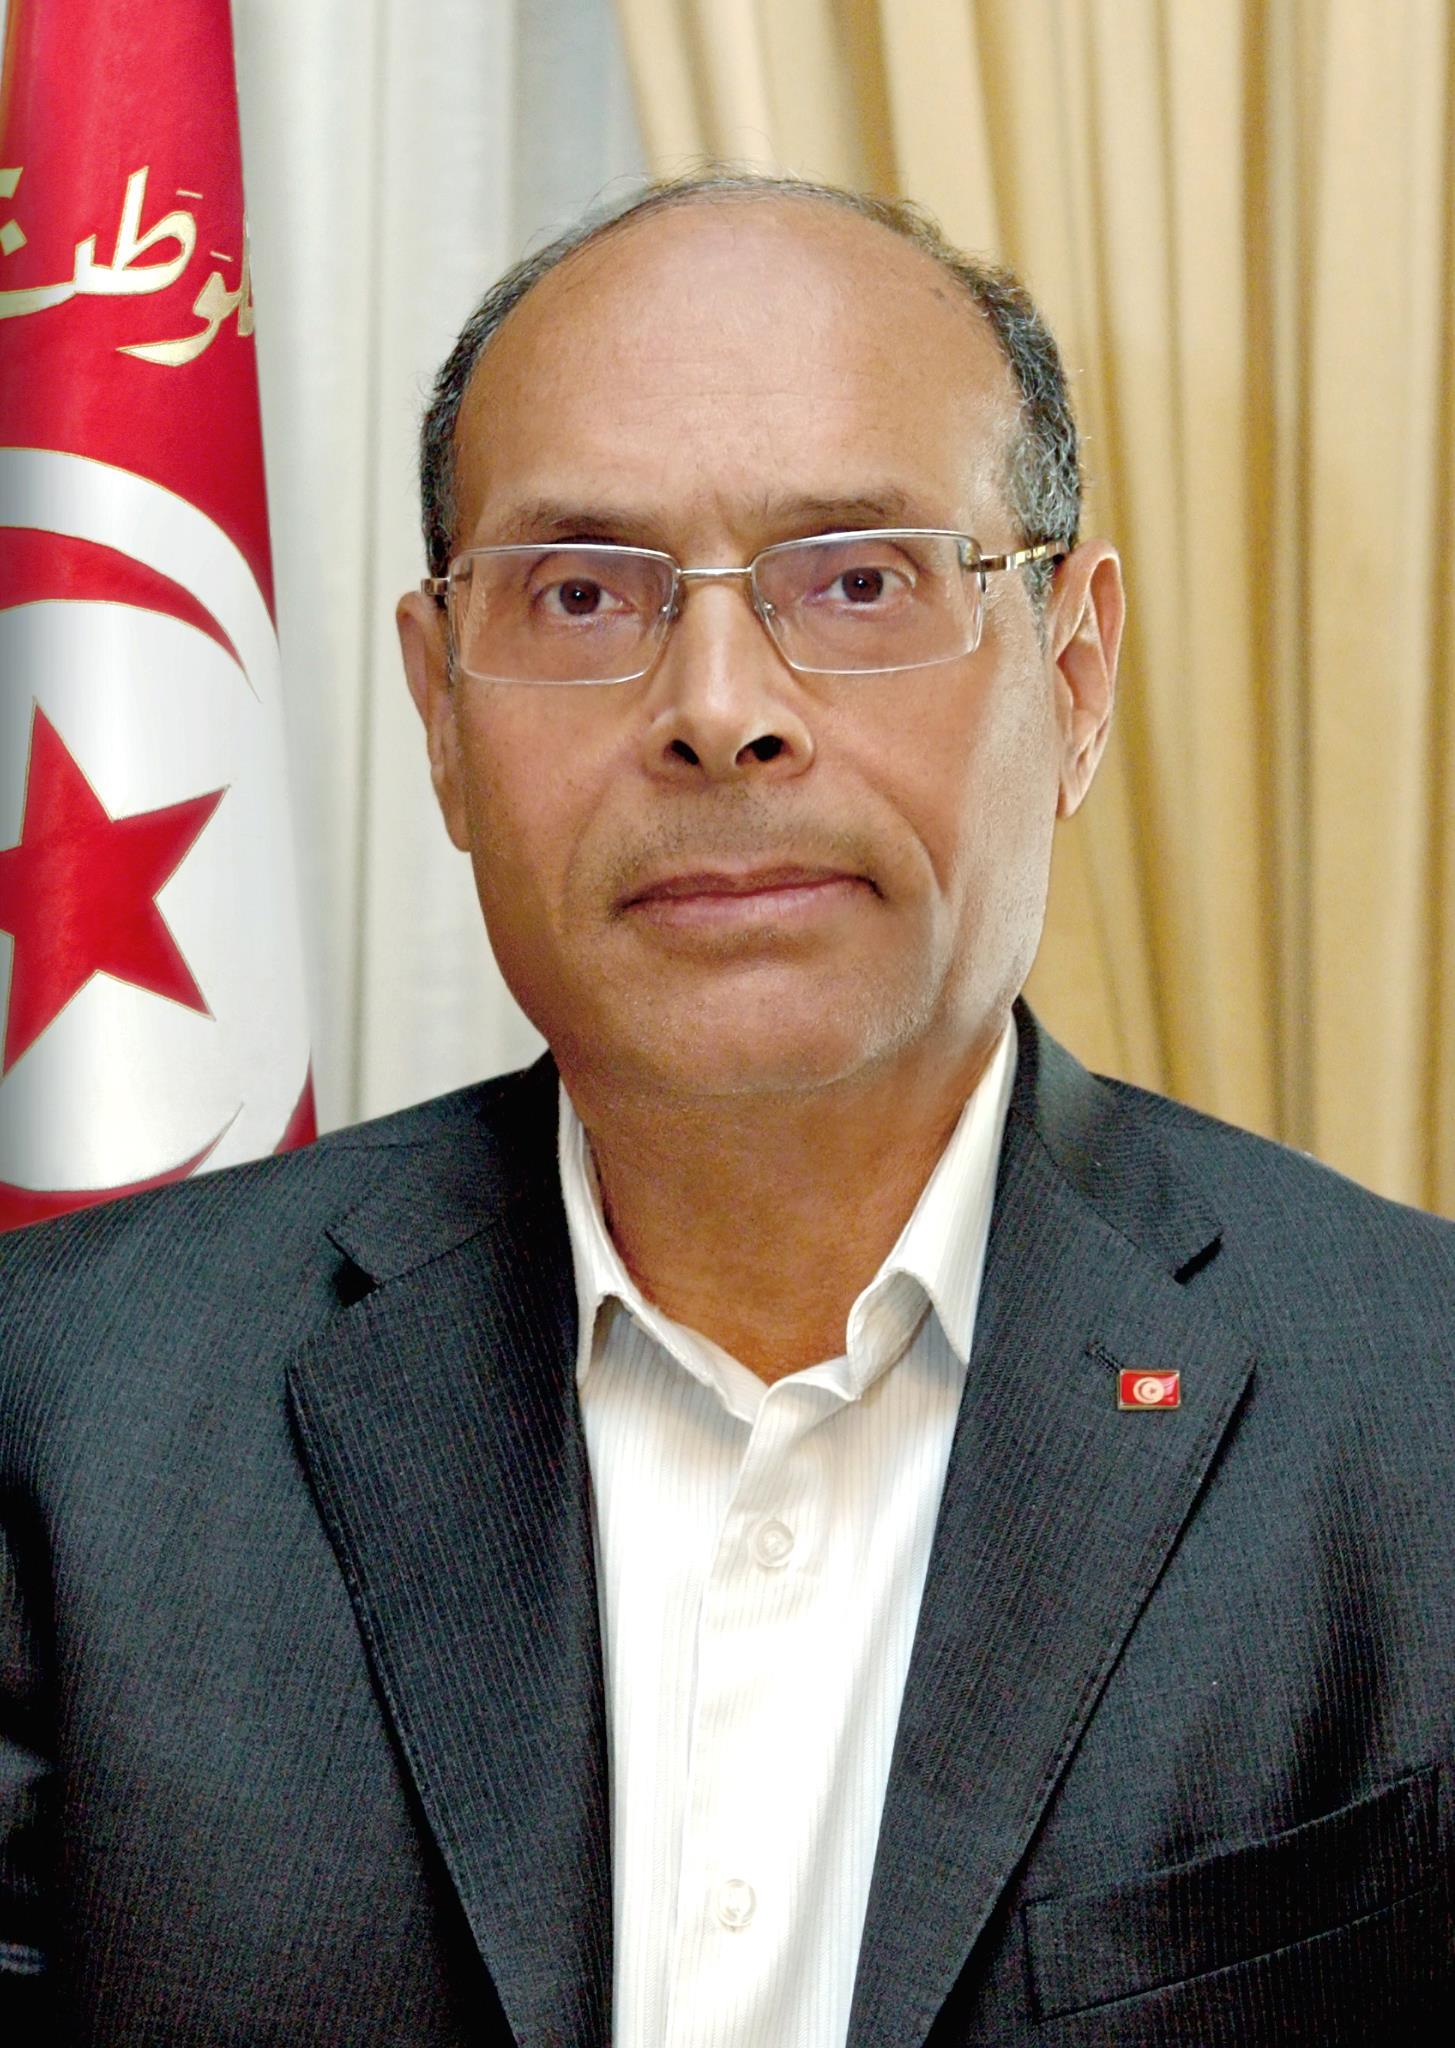 المرزوقي من الخرطوم: الثورات العربية فشلت وكذلك الثورات المضادة